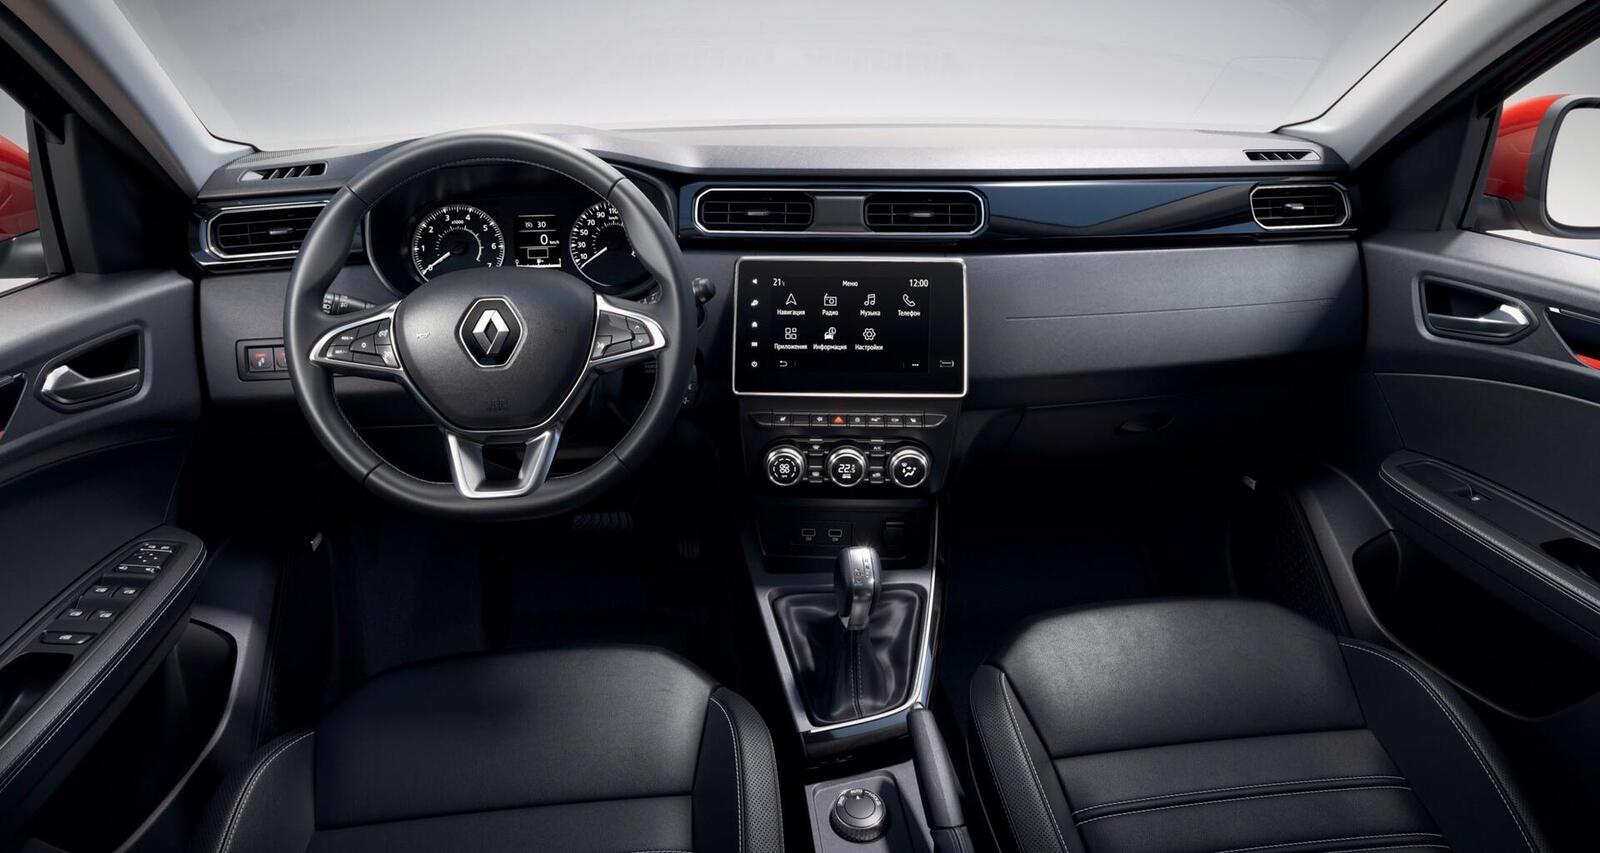 Renault giới thiệu Arkana mới: SUV Coupe mang thiết kế tương tự BMW X6 - Hình 8